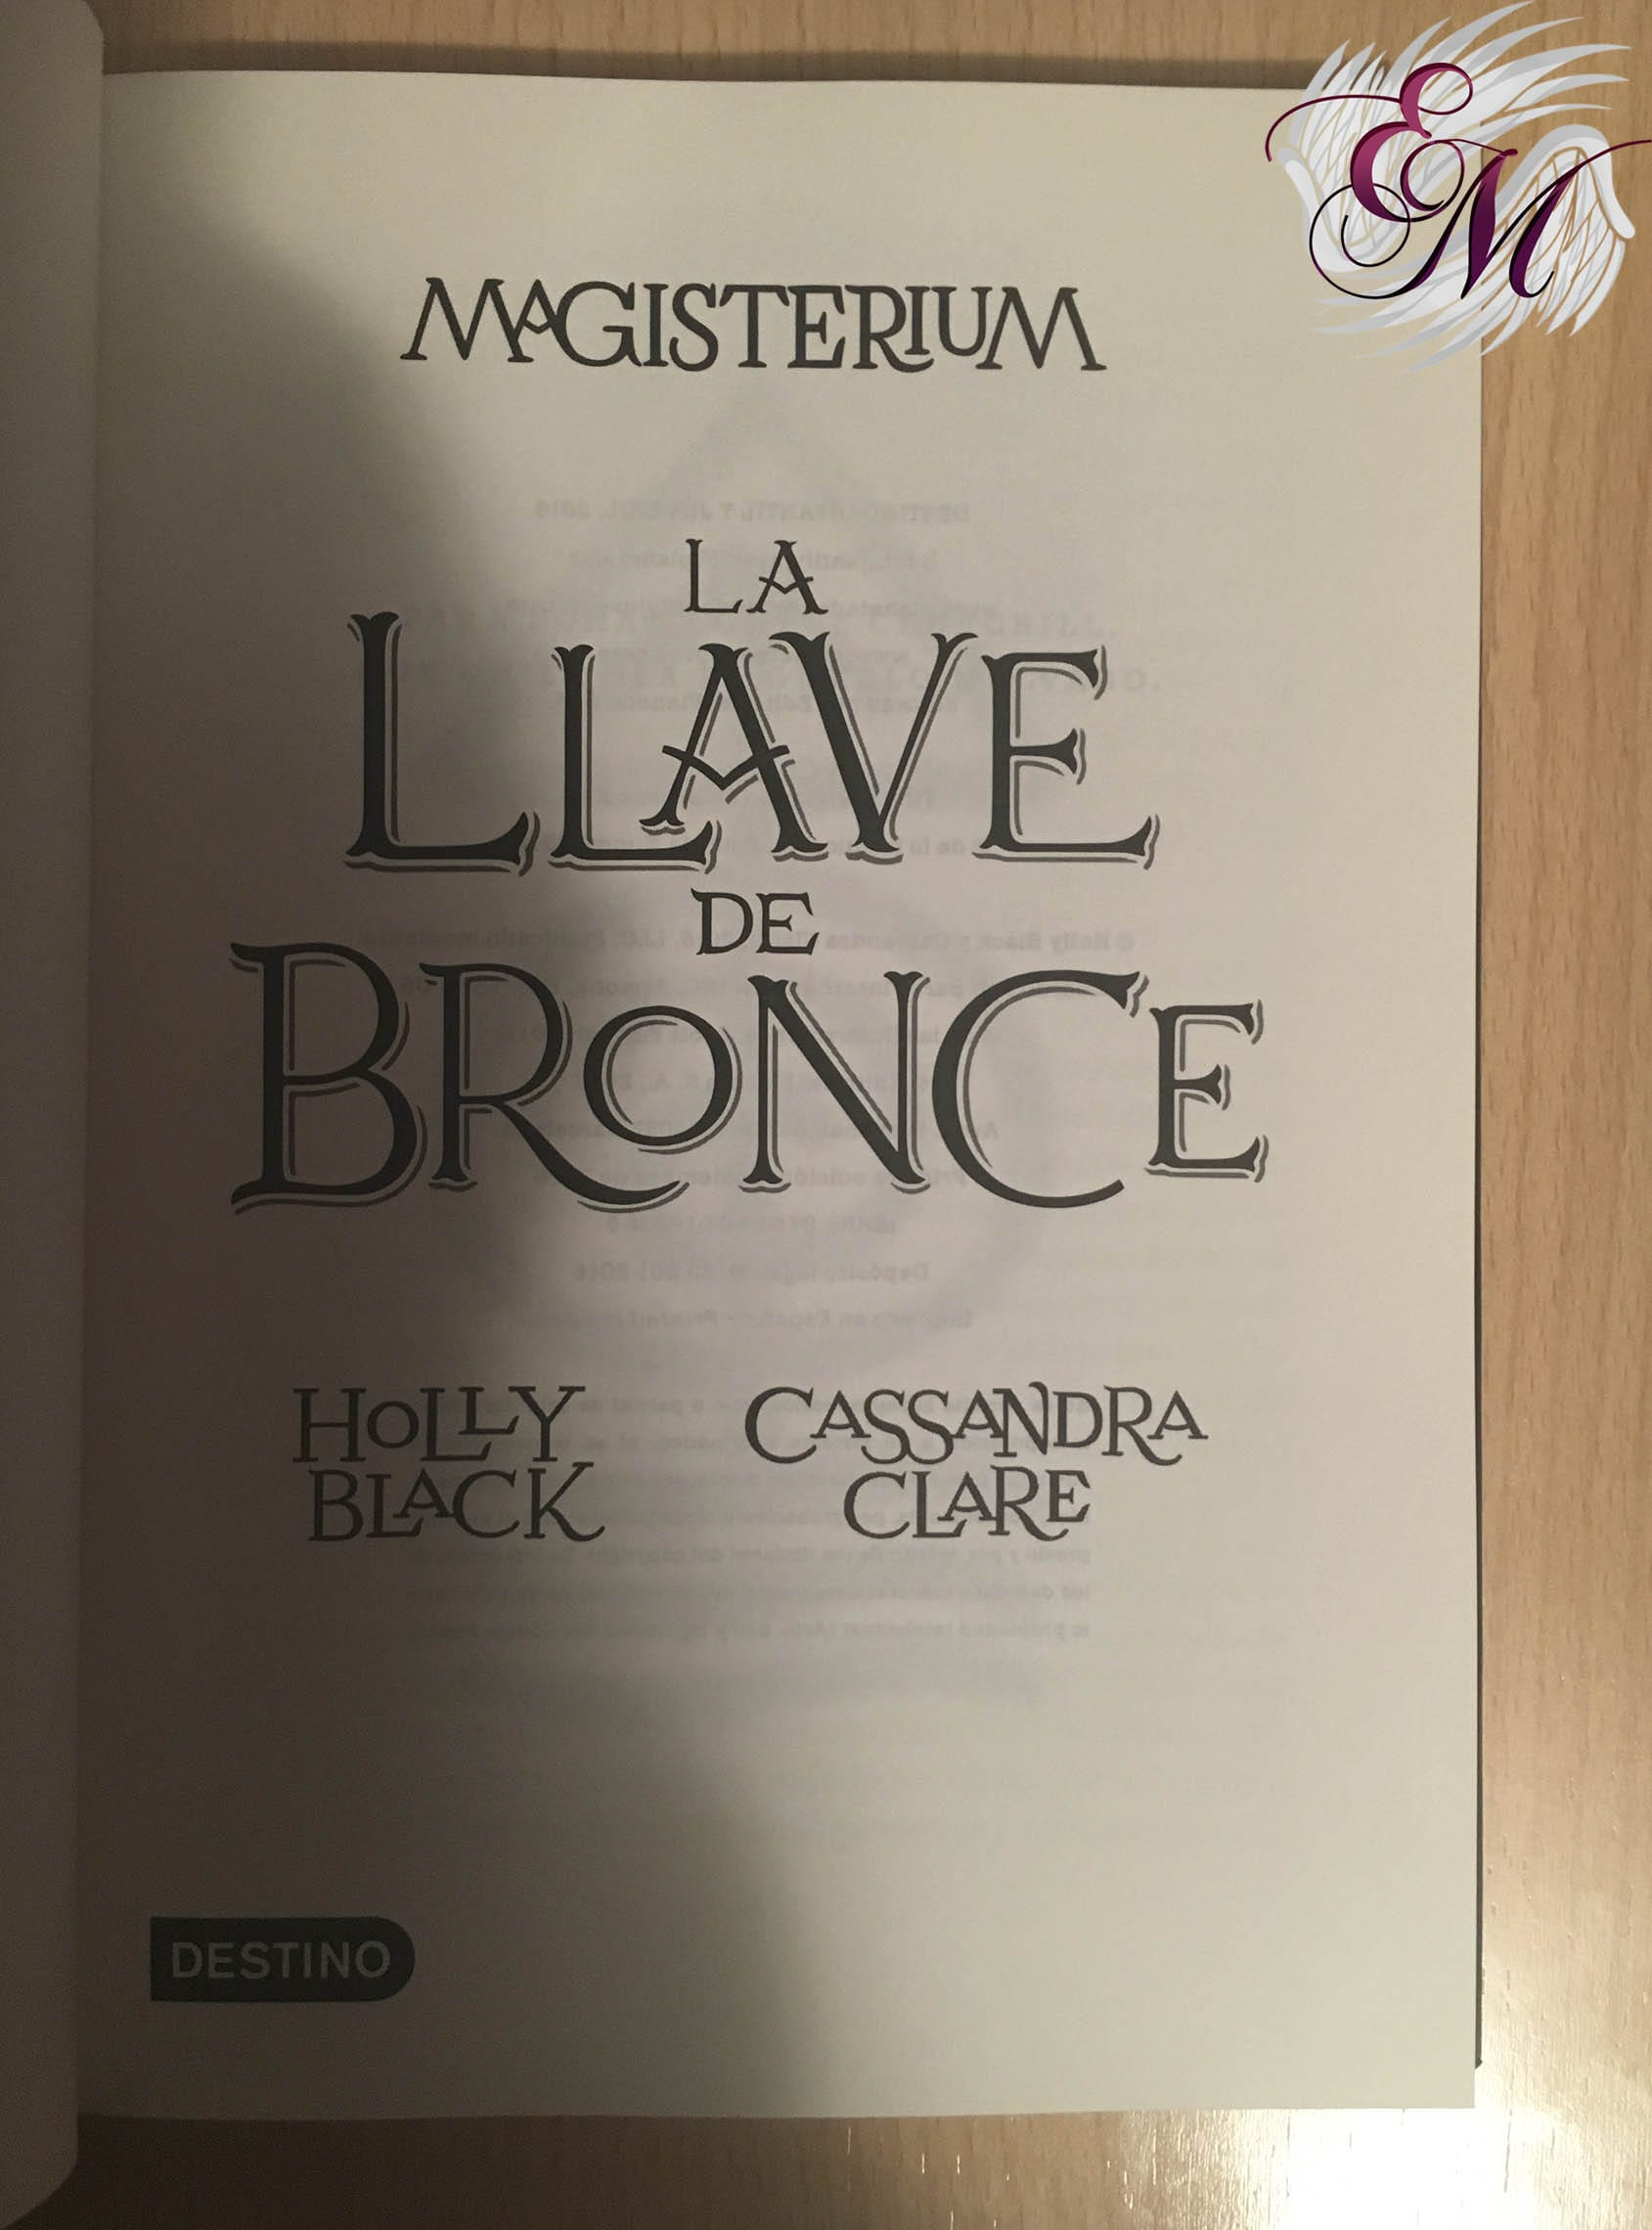 La llave de bronce, de Cassandra Clare y Holly Black - Reseña